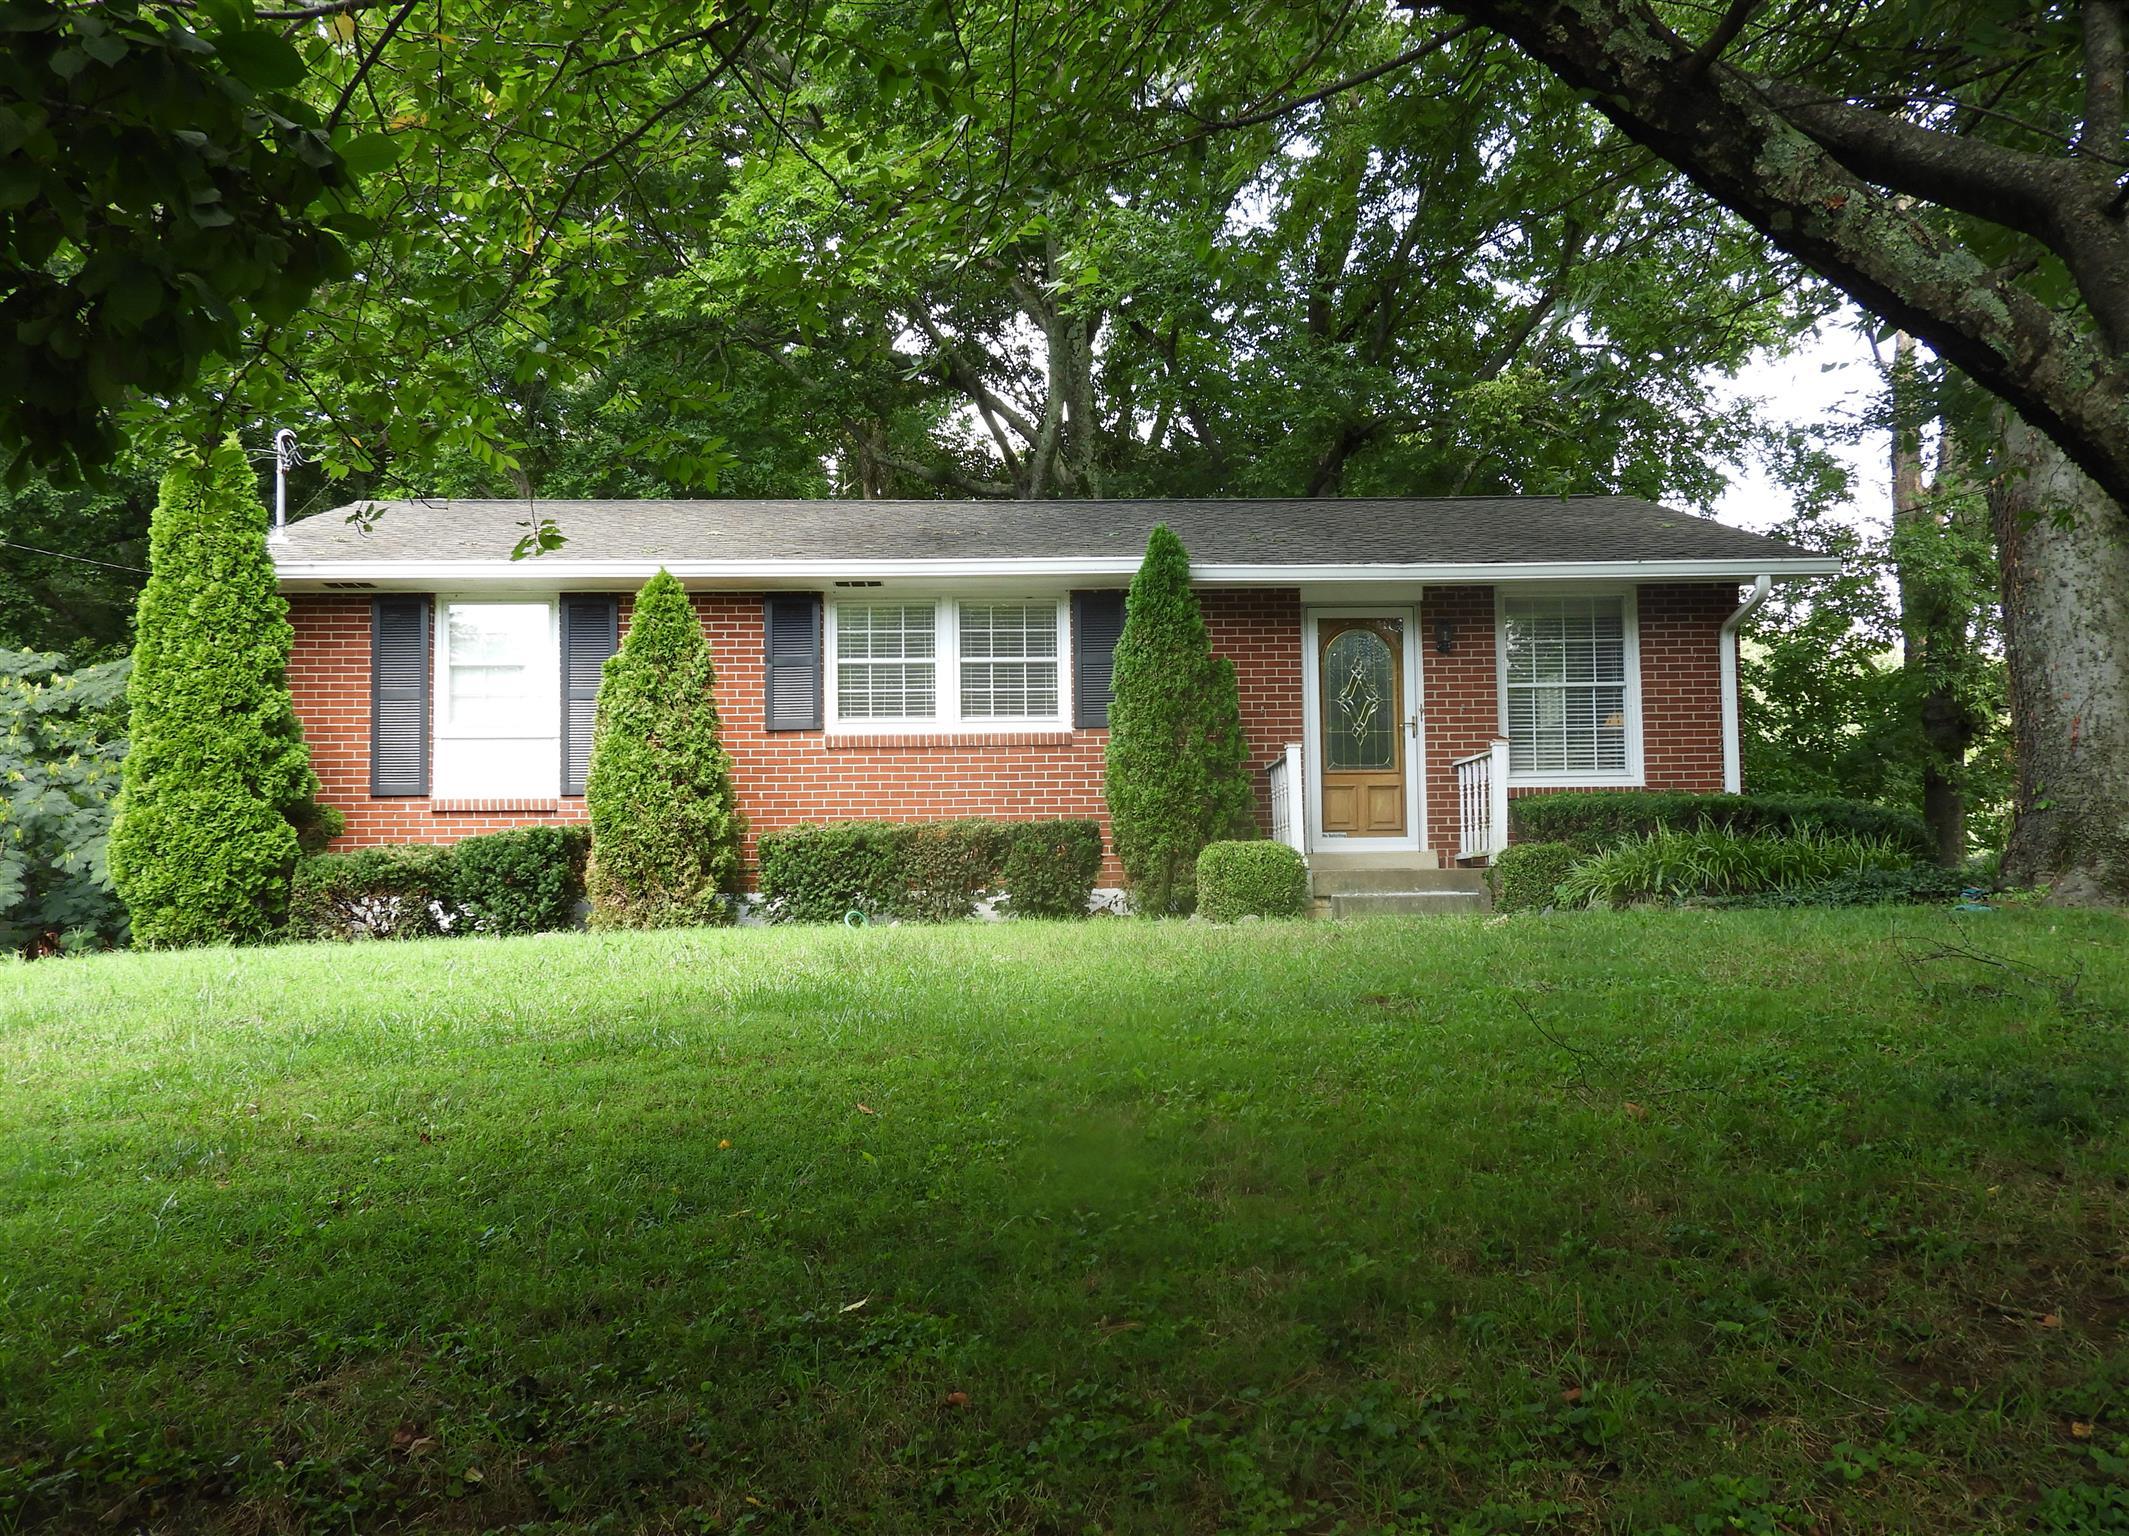 489 Westcrest Dr, Nashville, TN 37211 - Nashville, TN real estate listing